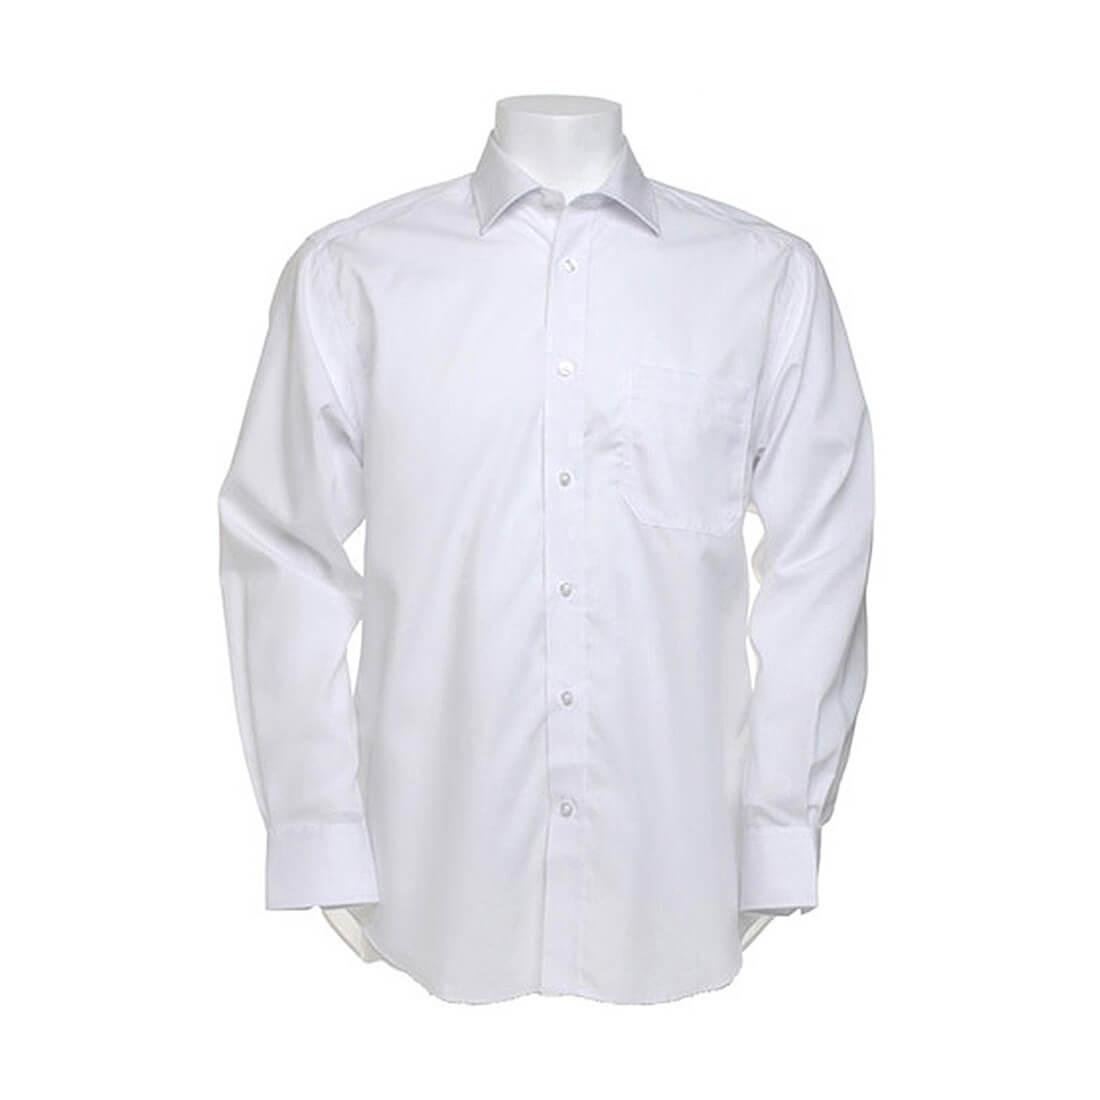 Camasa Premium Non Iron Corporate ML - Imbracaminte de protectie